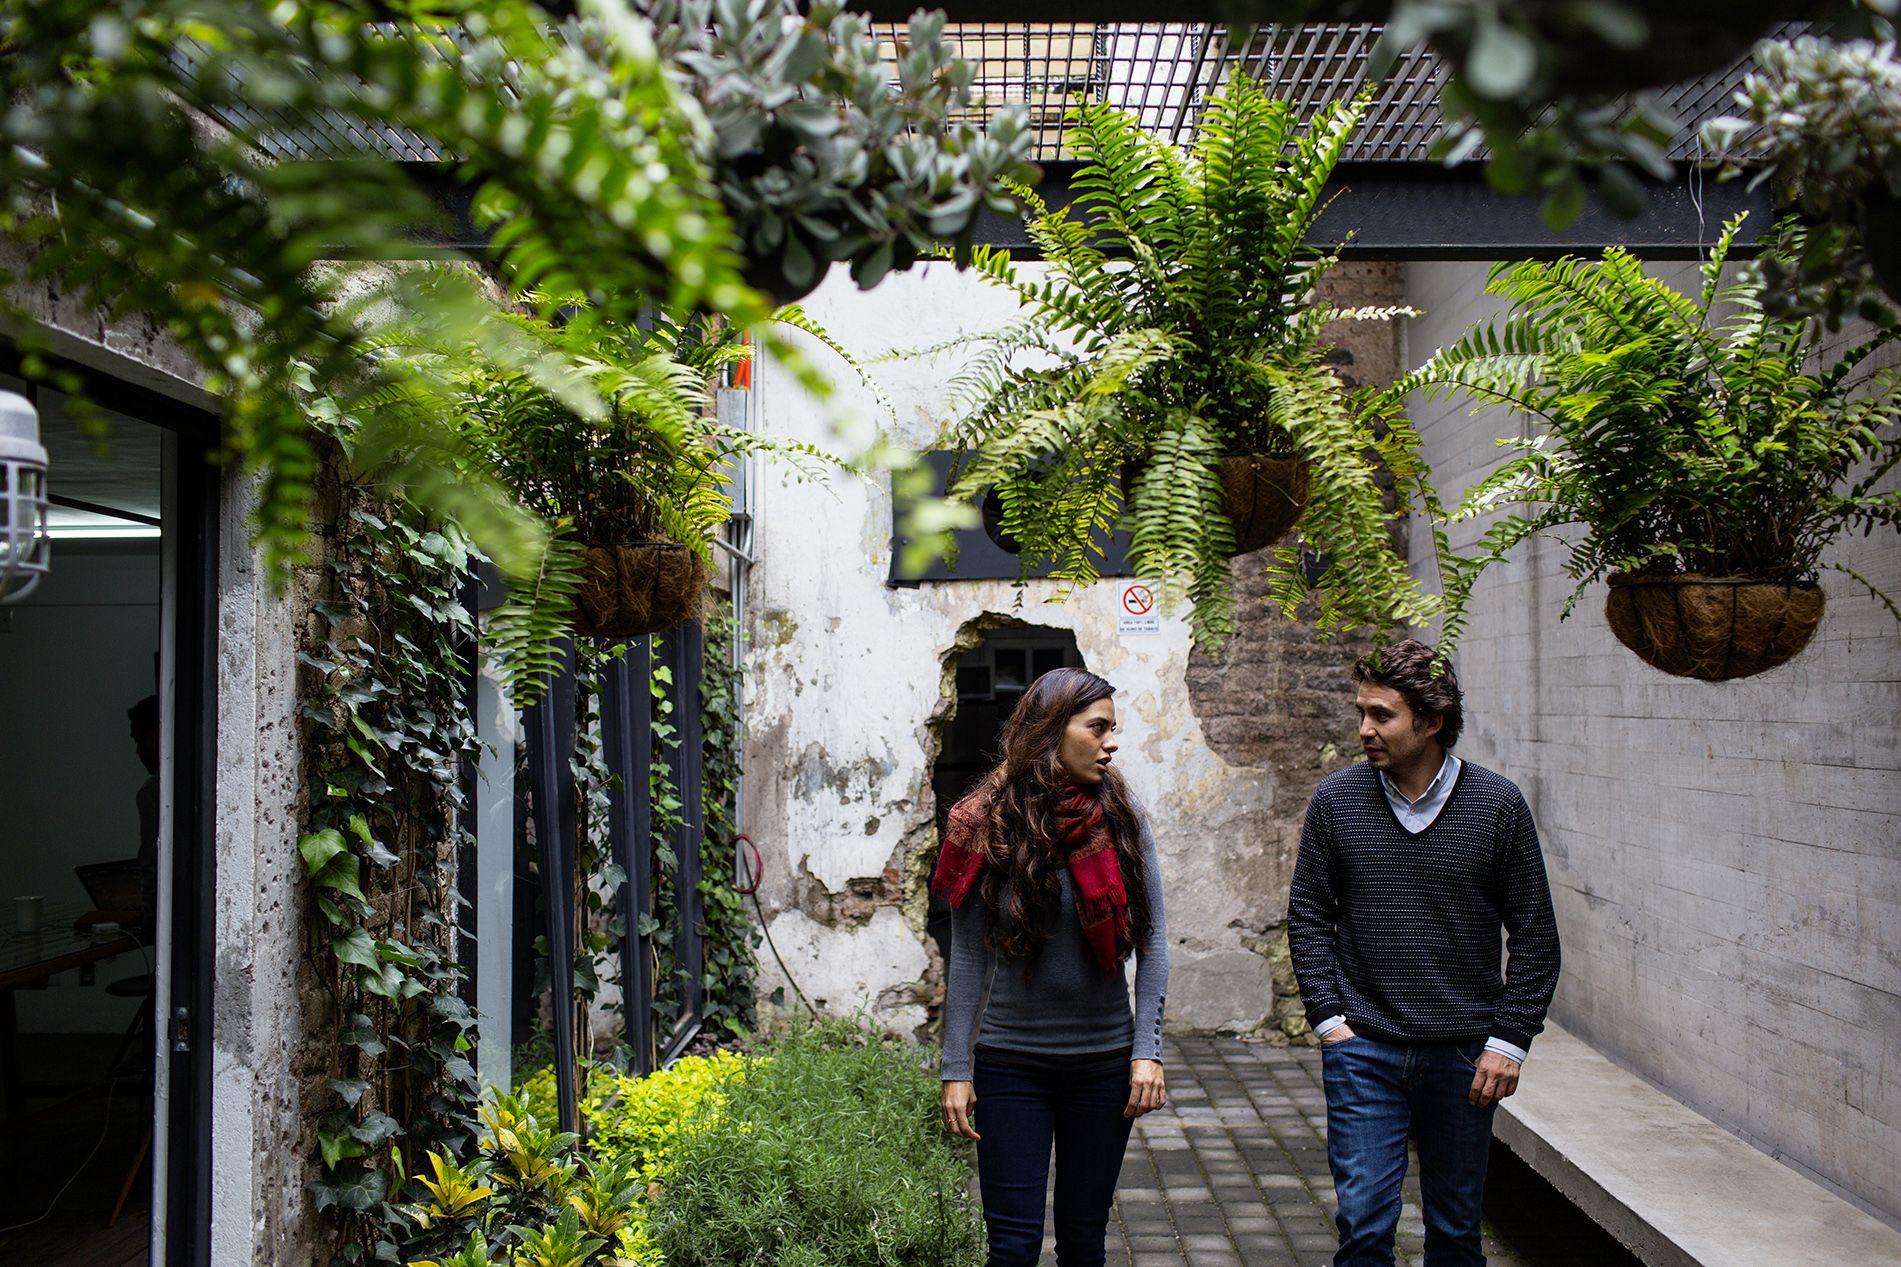 pingl par j r me gauthier sur home ext rieur pinterest plants outdoor gardens et living. Black Bedroom Furniture Sets. Home Design Ideas